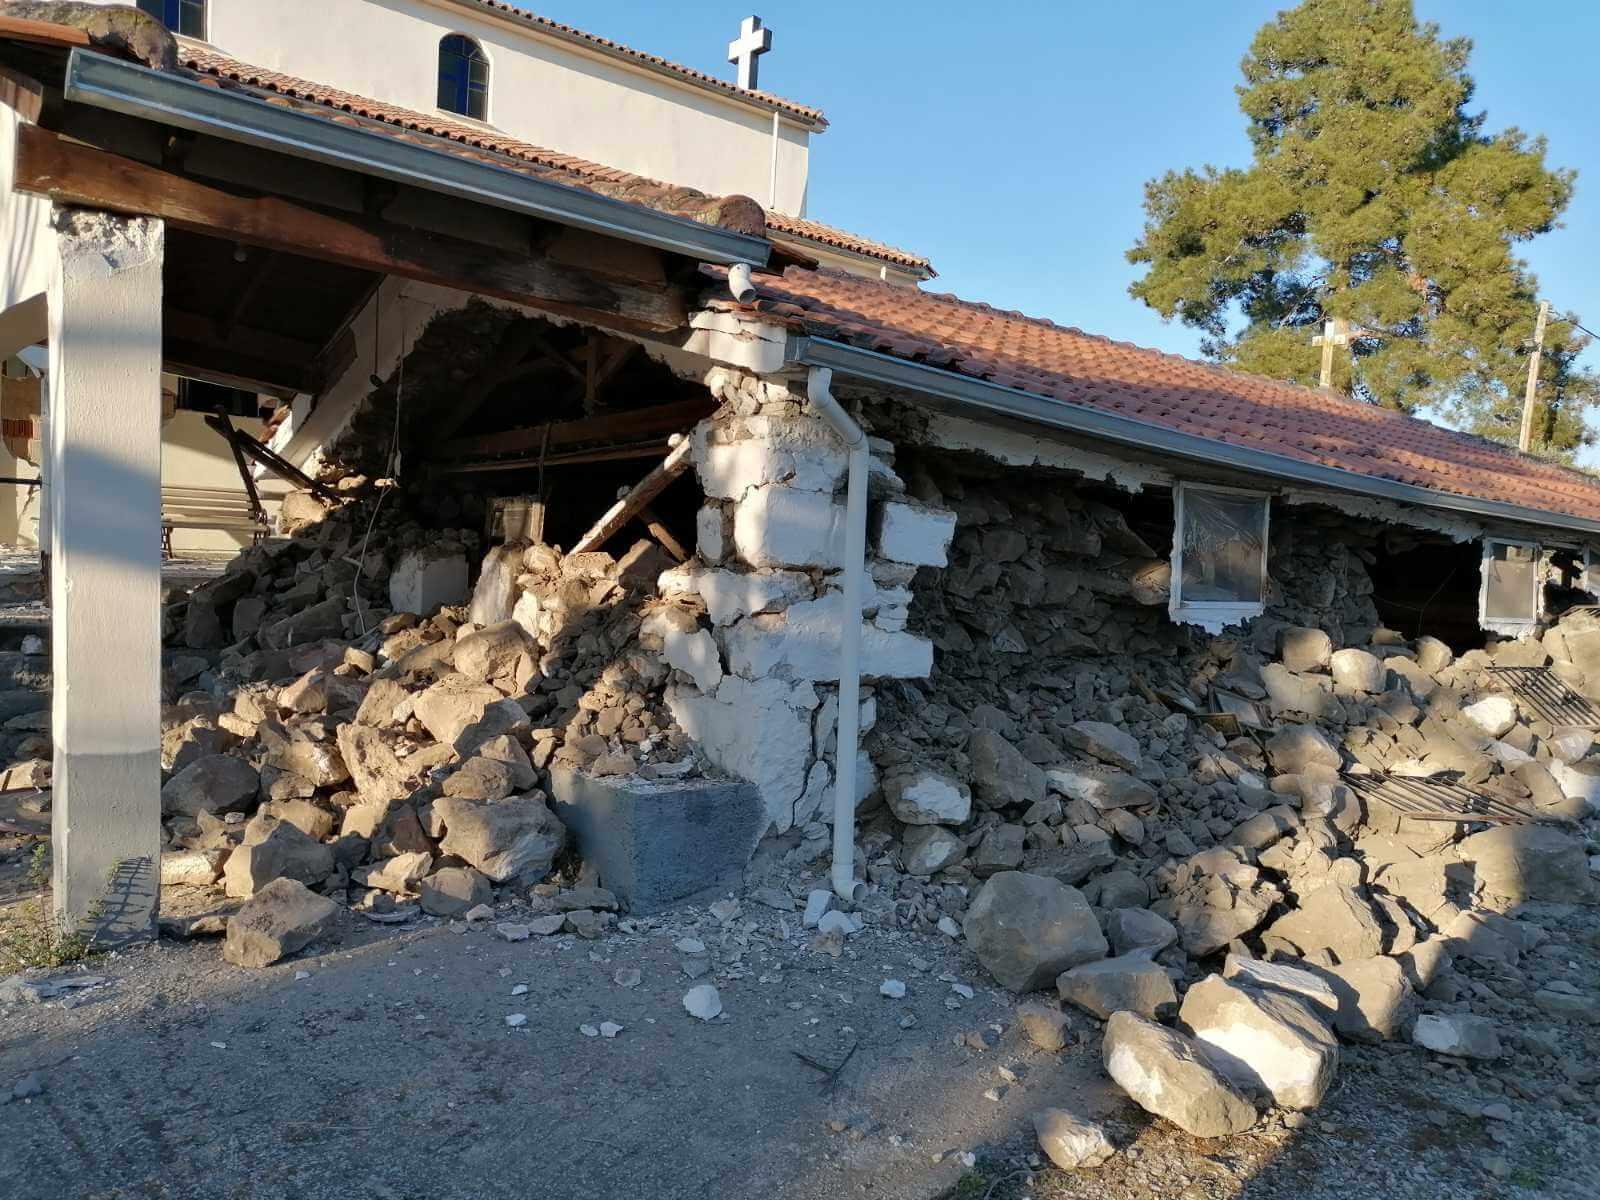 Σεισμός Θεσσαλία: Μεγάλες ζημιές, στους δρόμους οι κάτοικοι